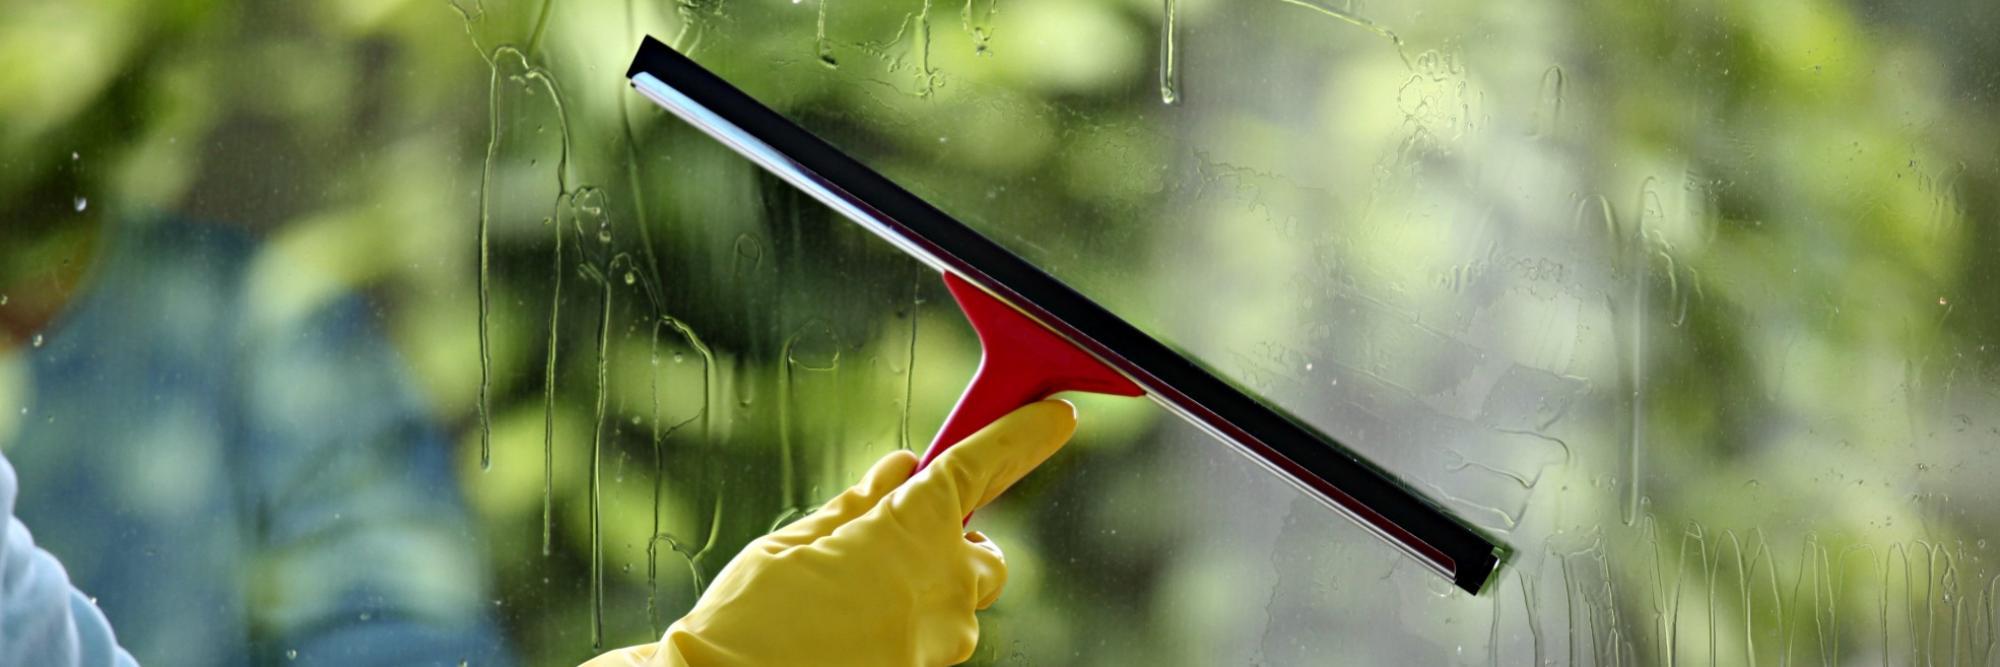 nettoyage des vitres et fenetres des particuliers